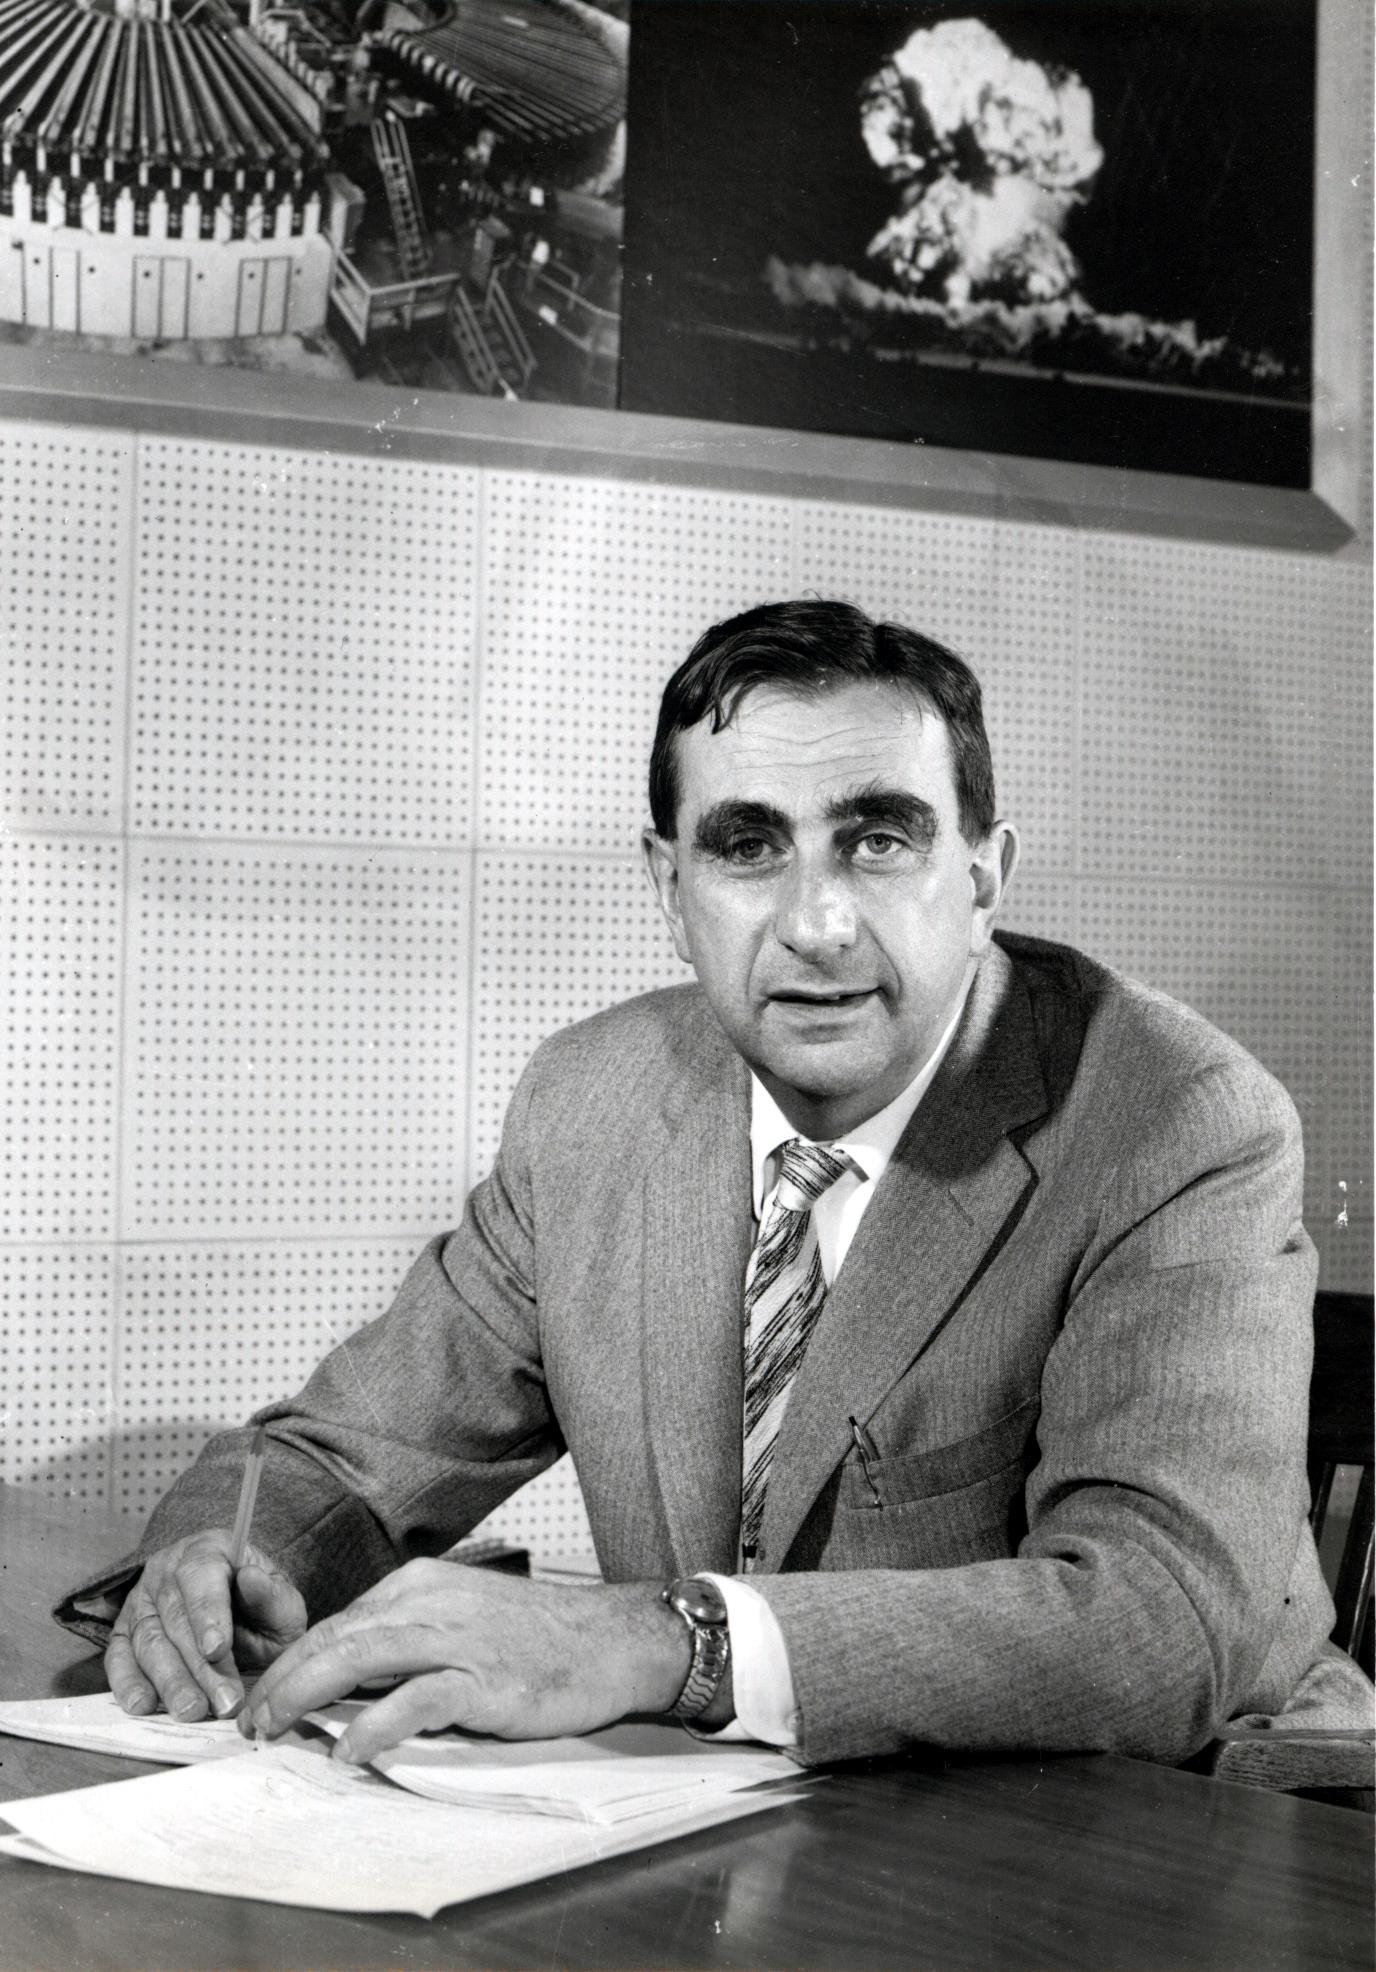 Teller in 1958